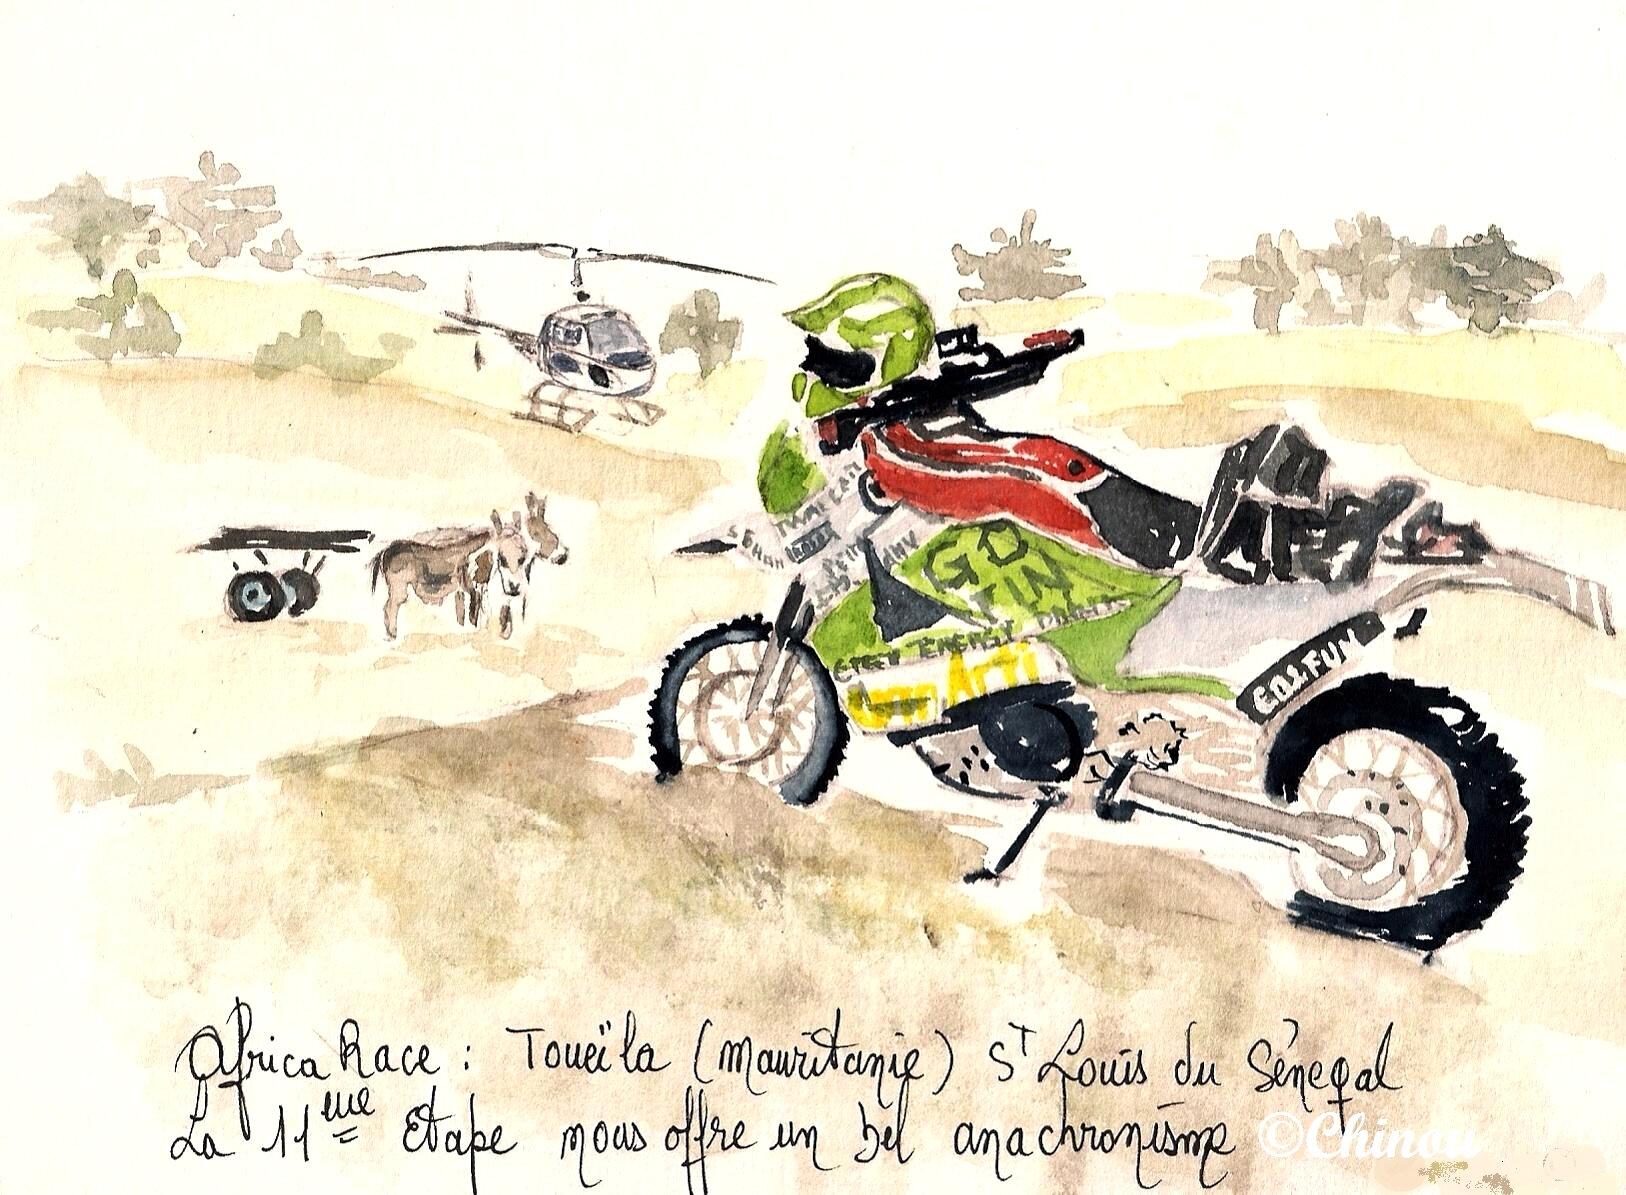 51 Africarace